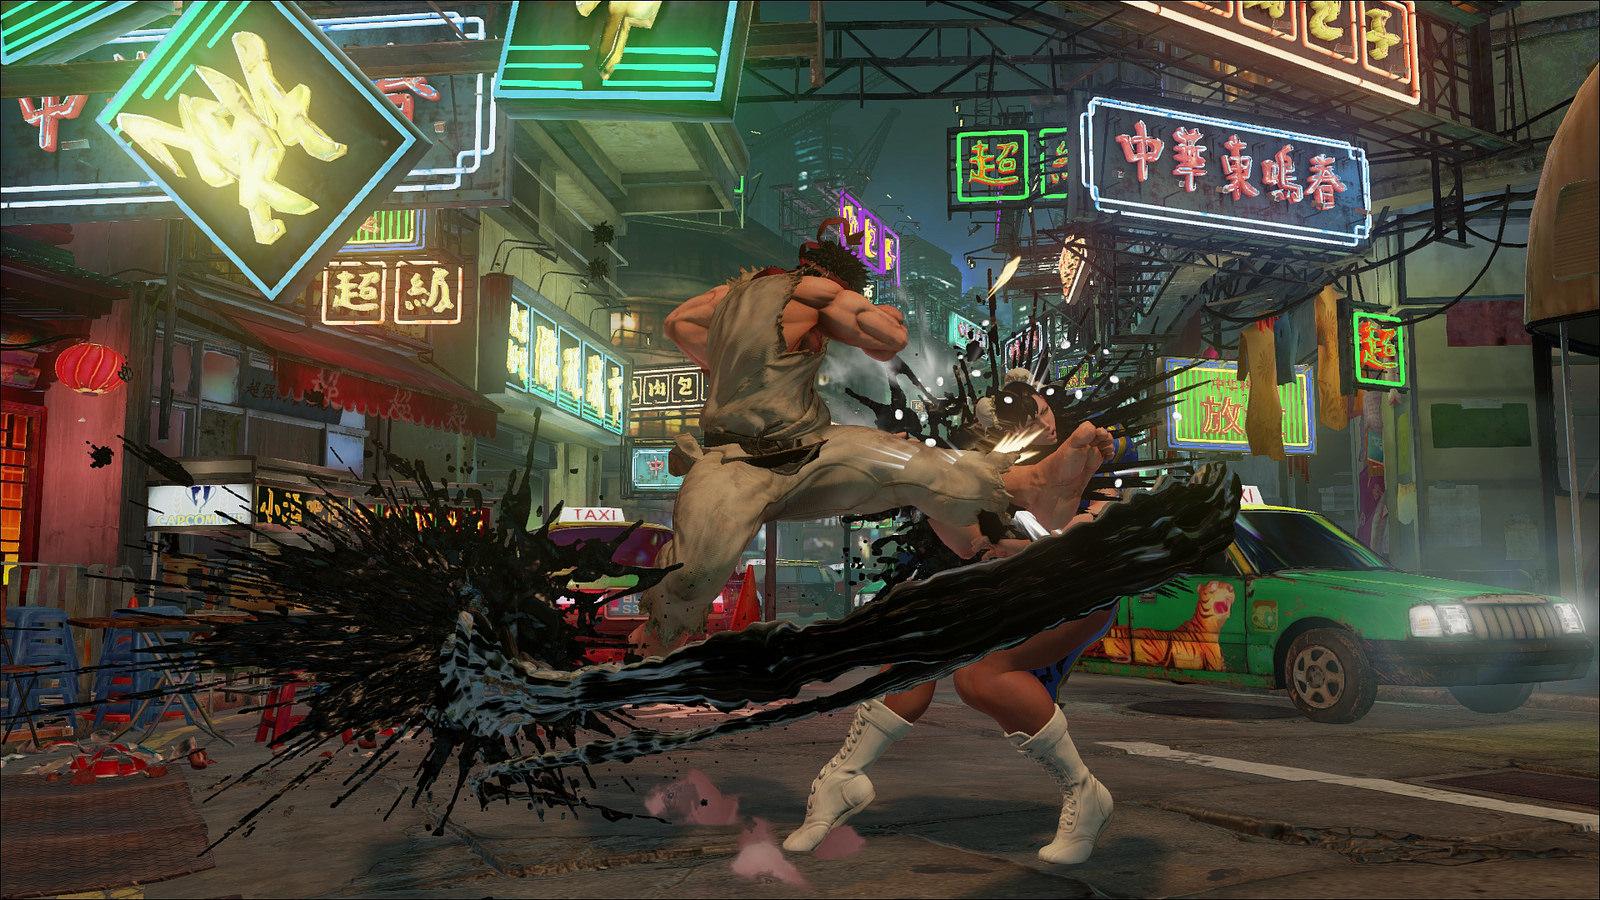 GAMECOIN - STREET FIGHTER V 3